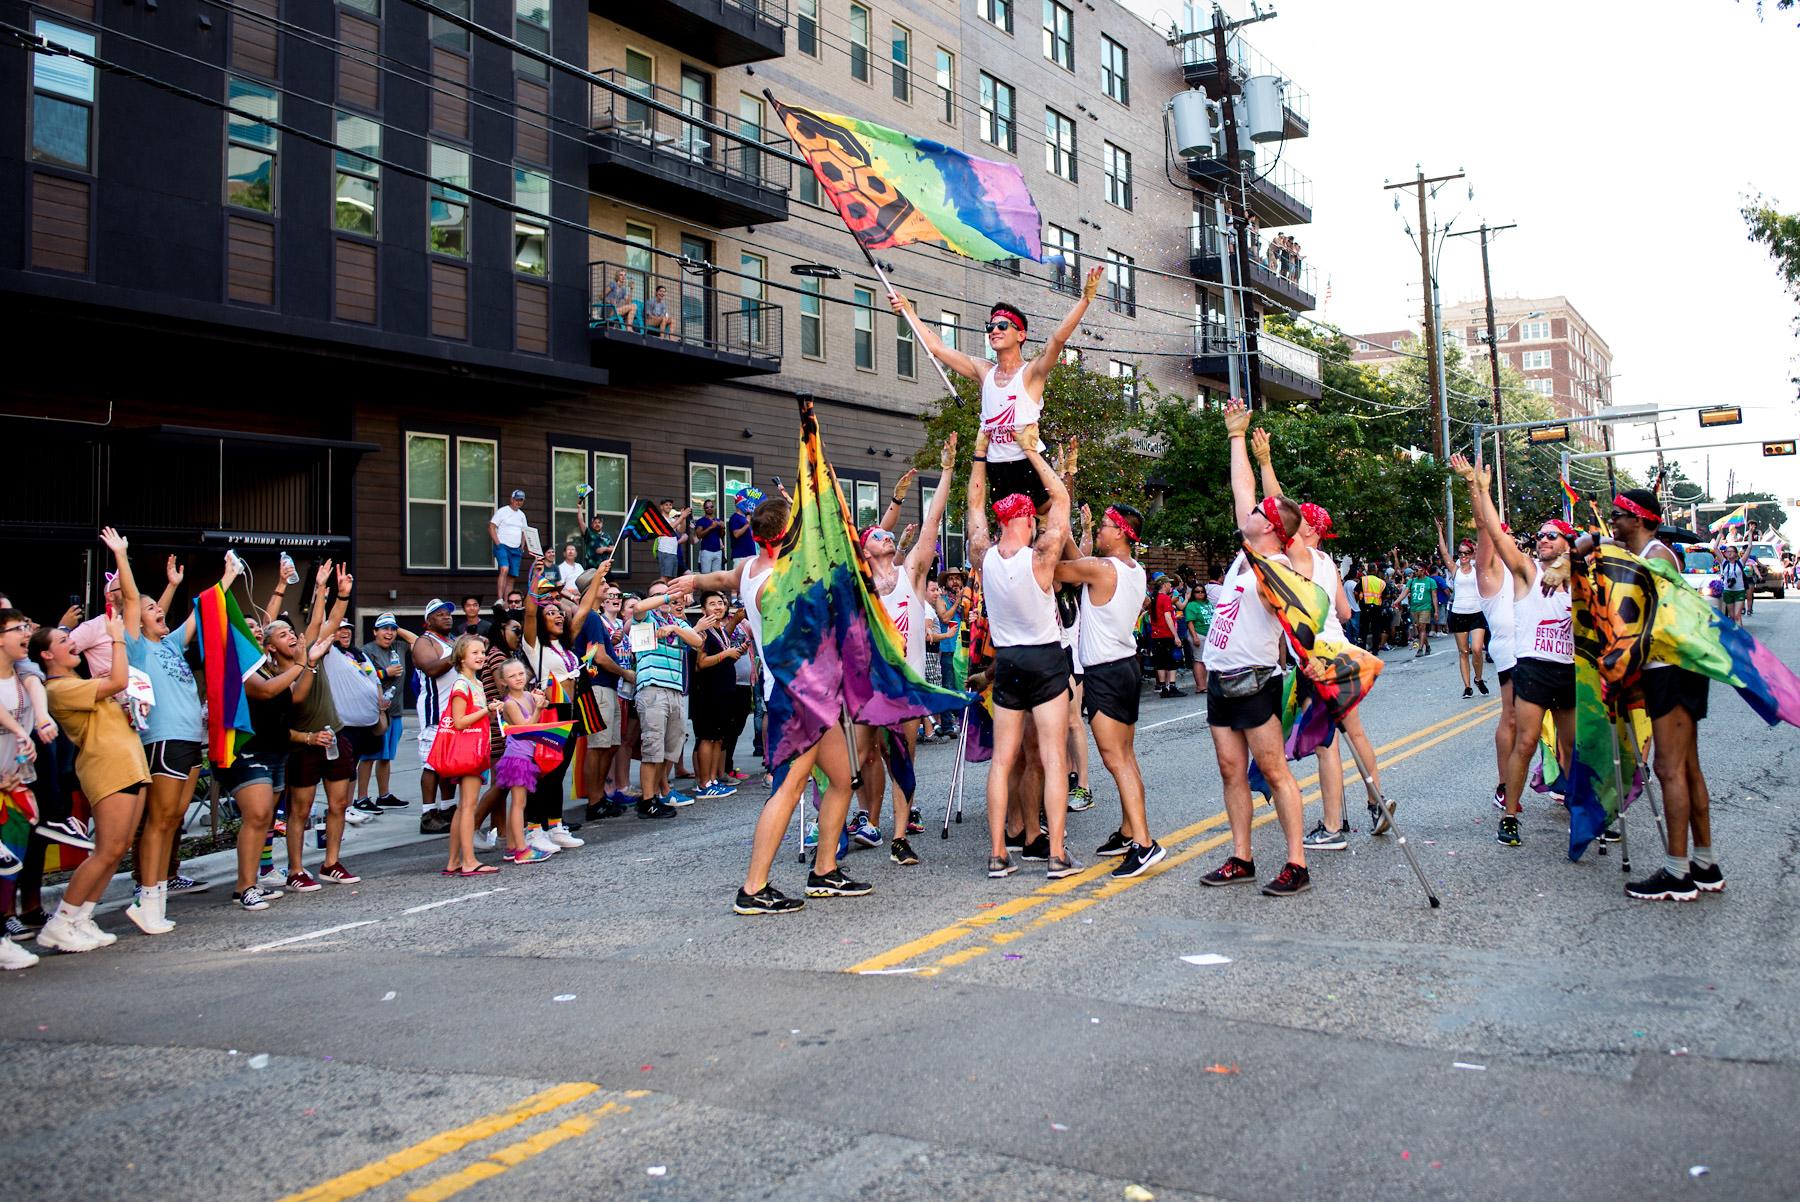 Scenes From the 2018 Dallas Pride Parade - D Magazine